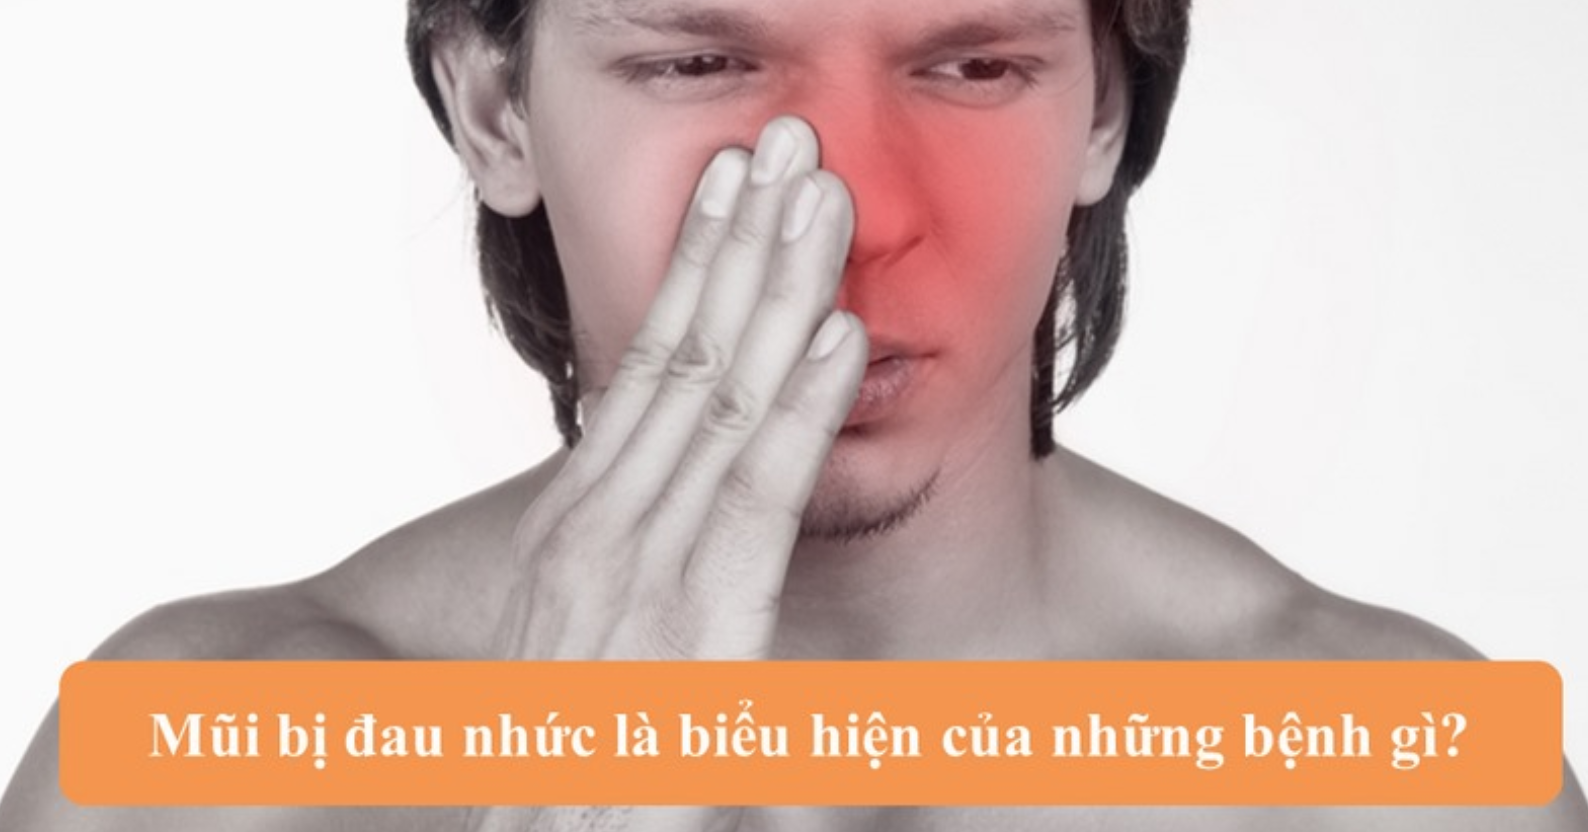 Mũi bị đau nhức là triệu chứng của những bệnh gì